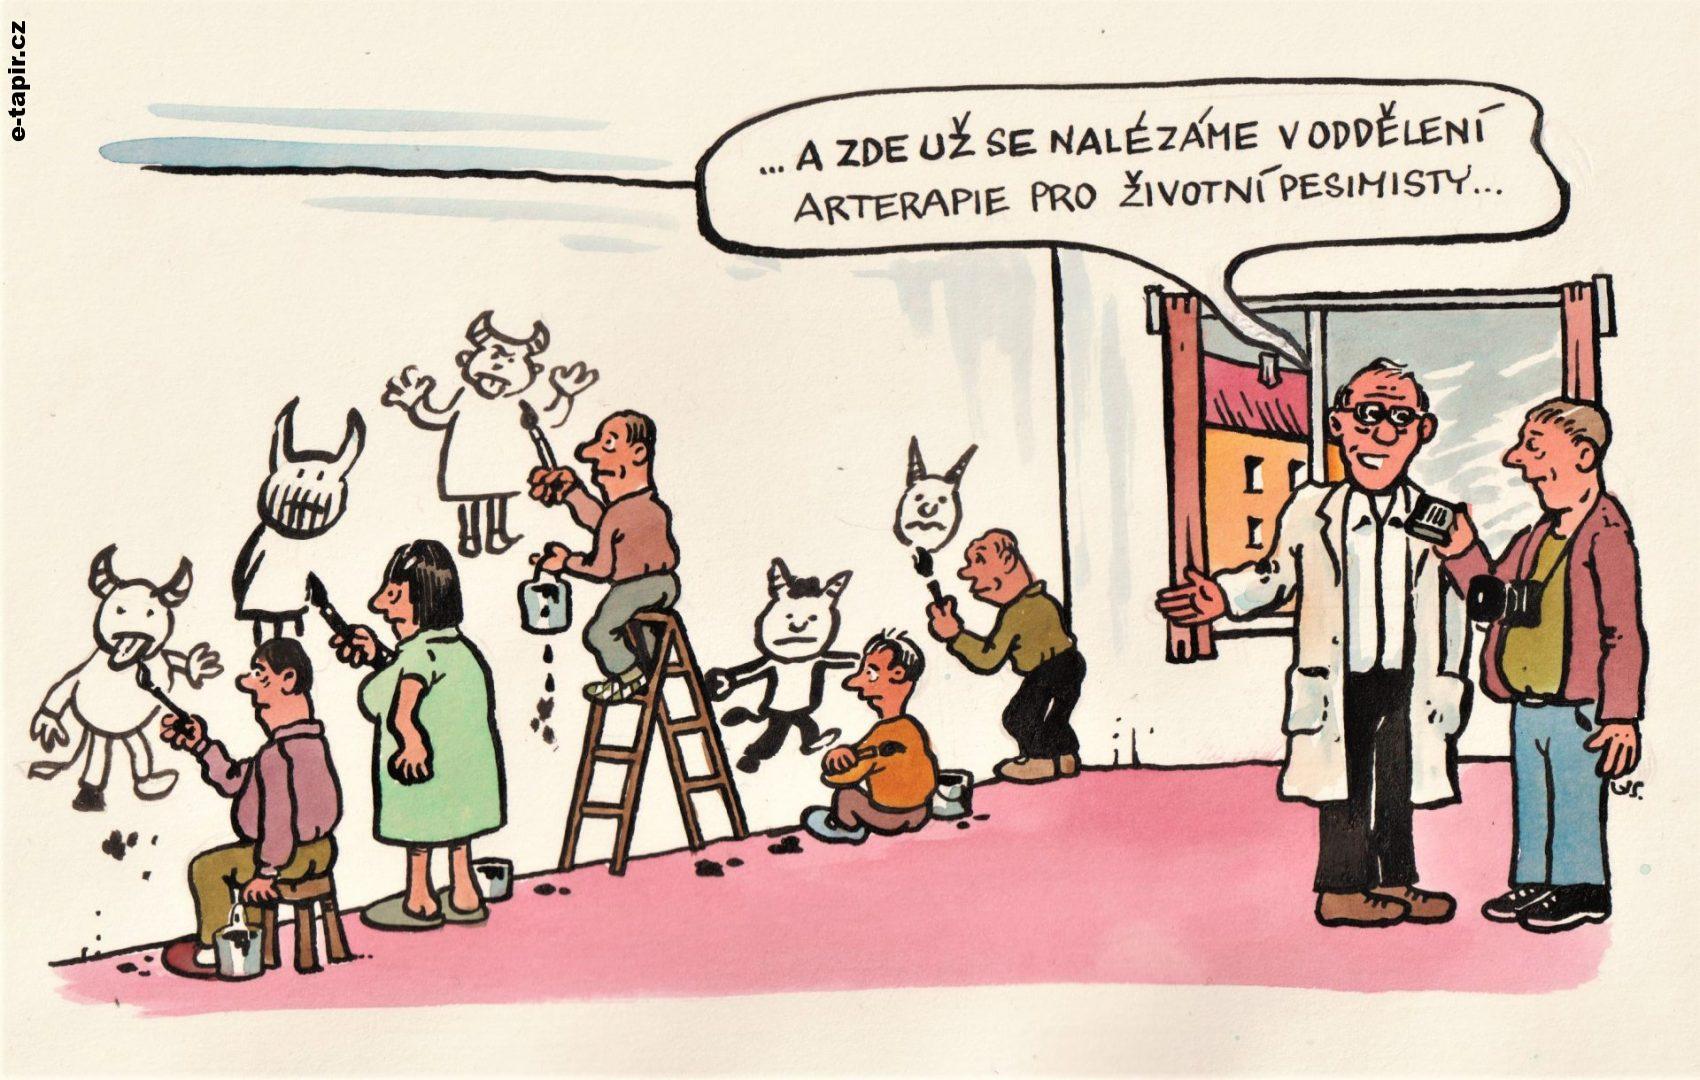 arterapie-40c70662